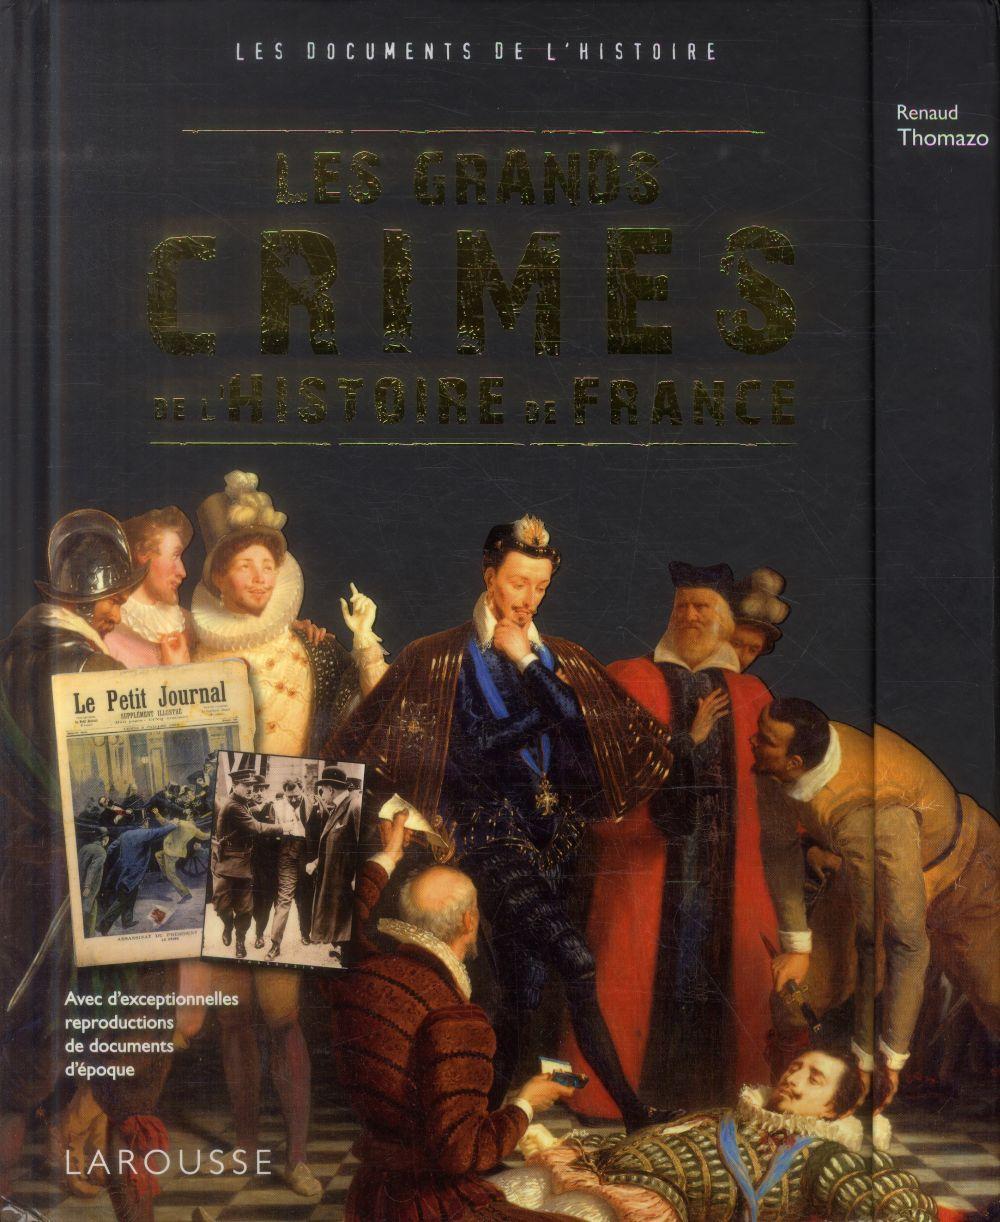 LES GRANDS CRIMES DE L'HISTOIRE DE FRANCE THOMAZO RENAUD Larousse